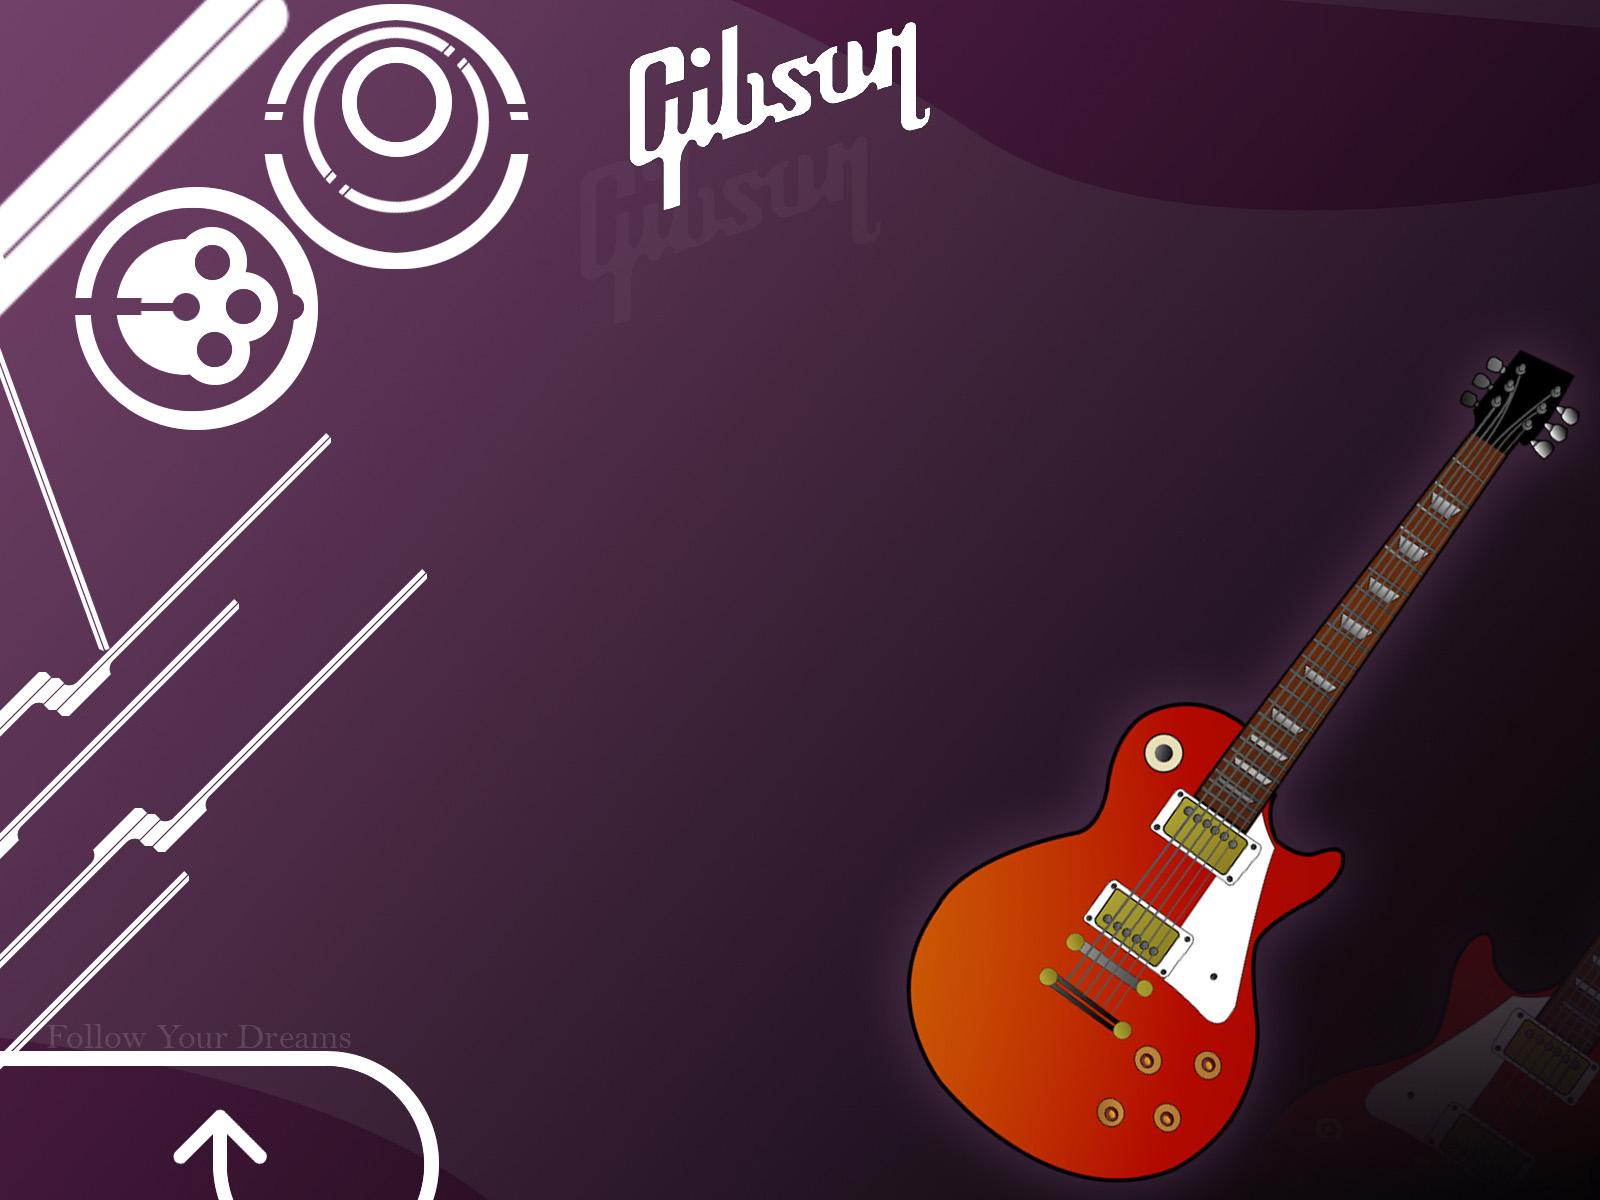 http://2.bp.blogspot.com/_eYNXA0gKwI0/TPQYYJyiQKI/AAAAAAAAAC0/JTIyxPbRE-8/s1600/Gibson+Follow_Your_Dreams-1600x1200+greatguitarsound.blogspot.com.jpg